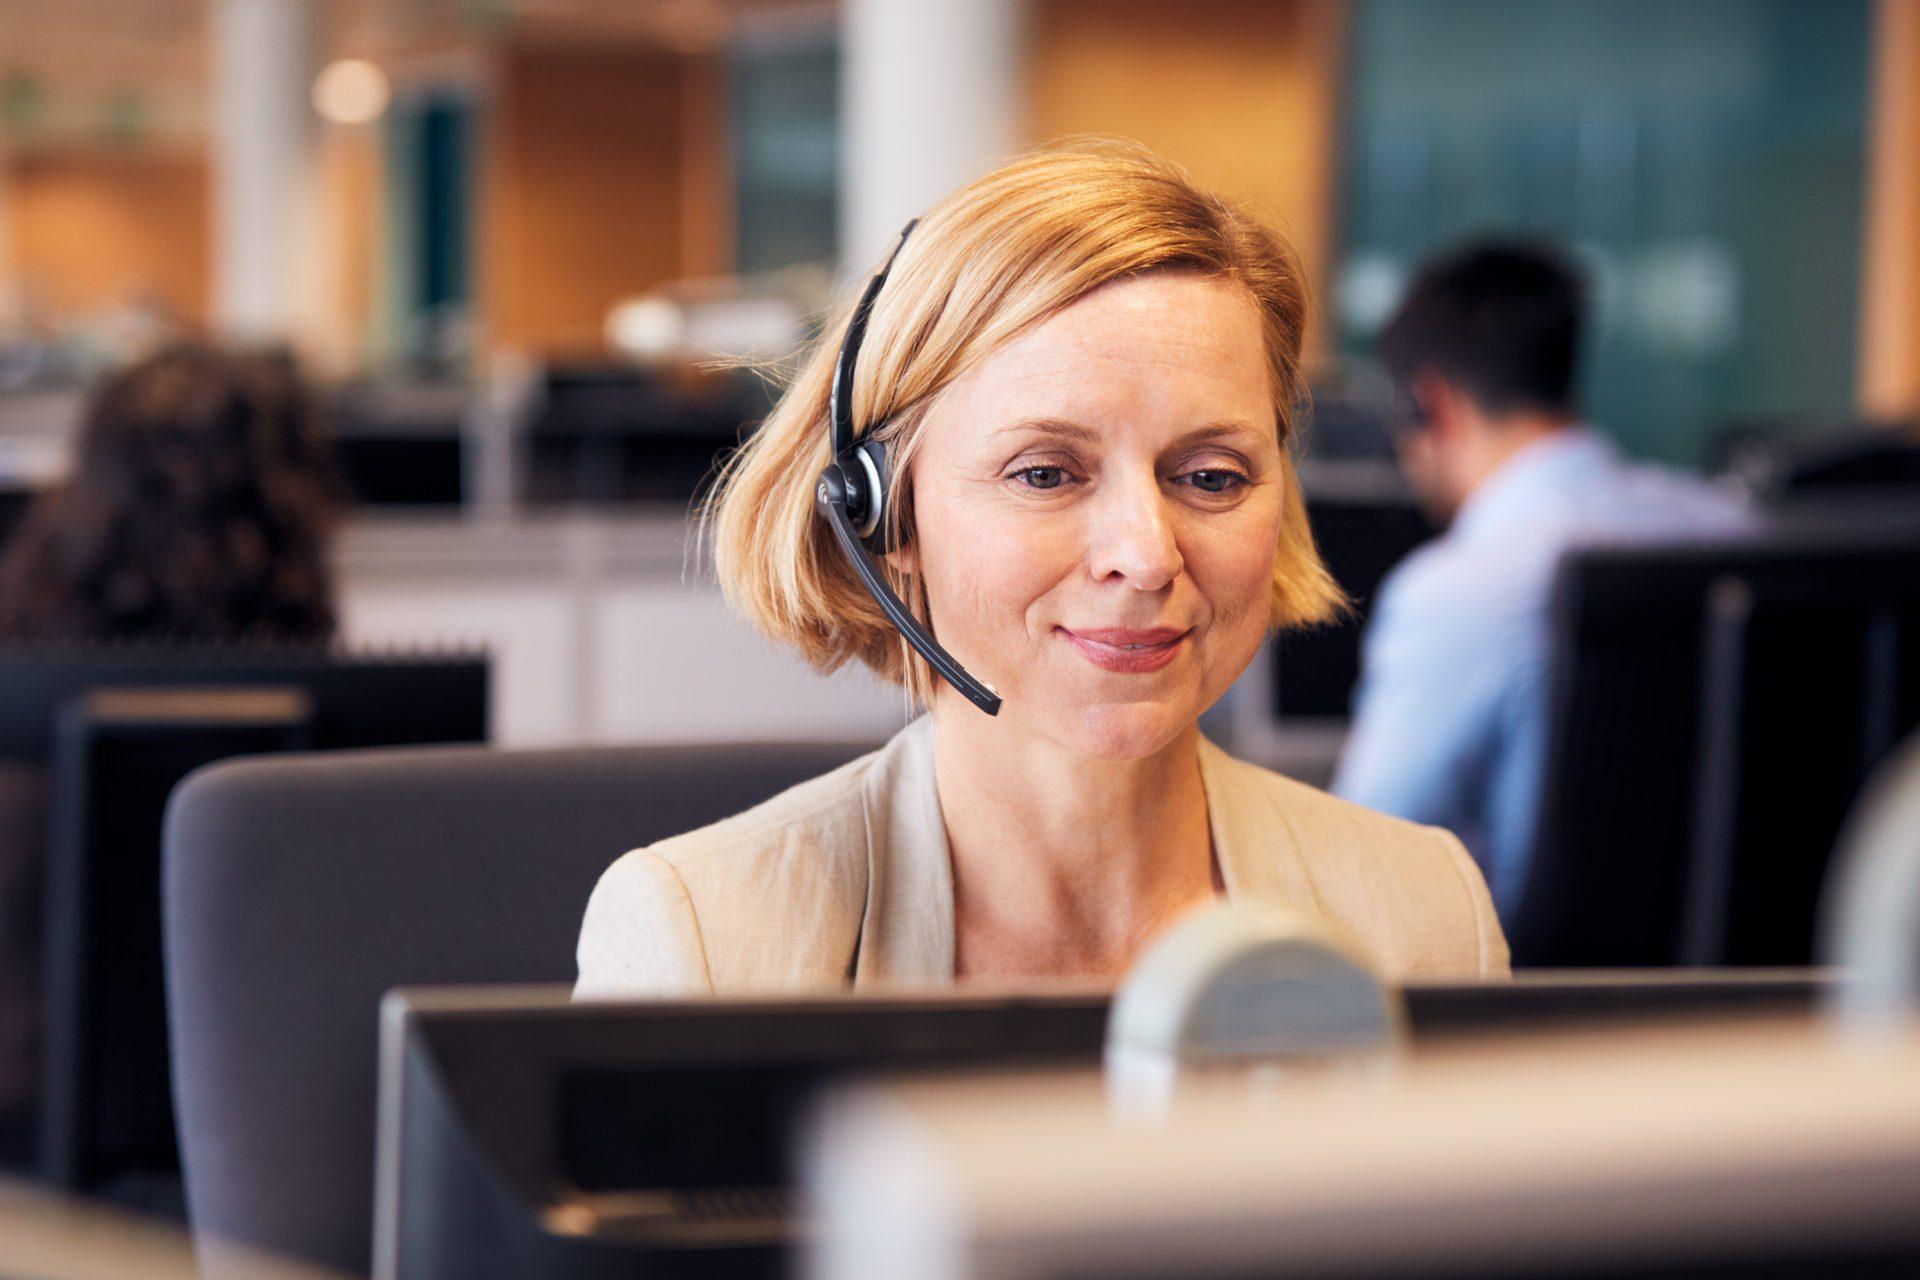 Conseillère relation client standard téléphonique